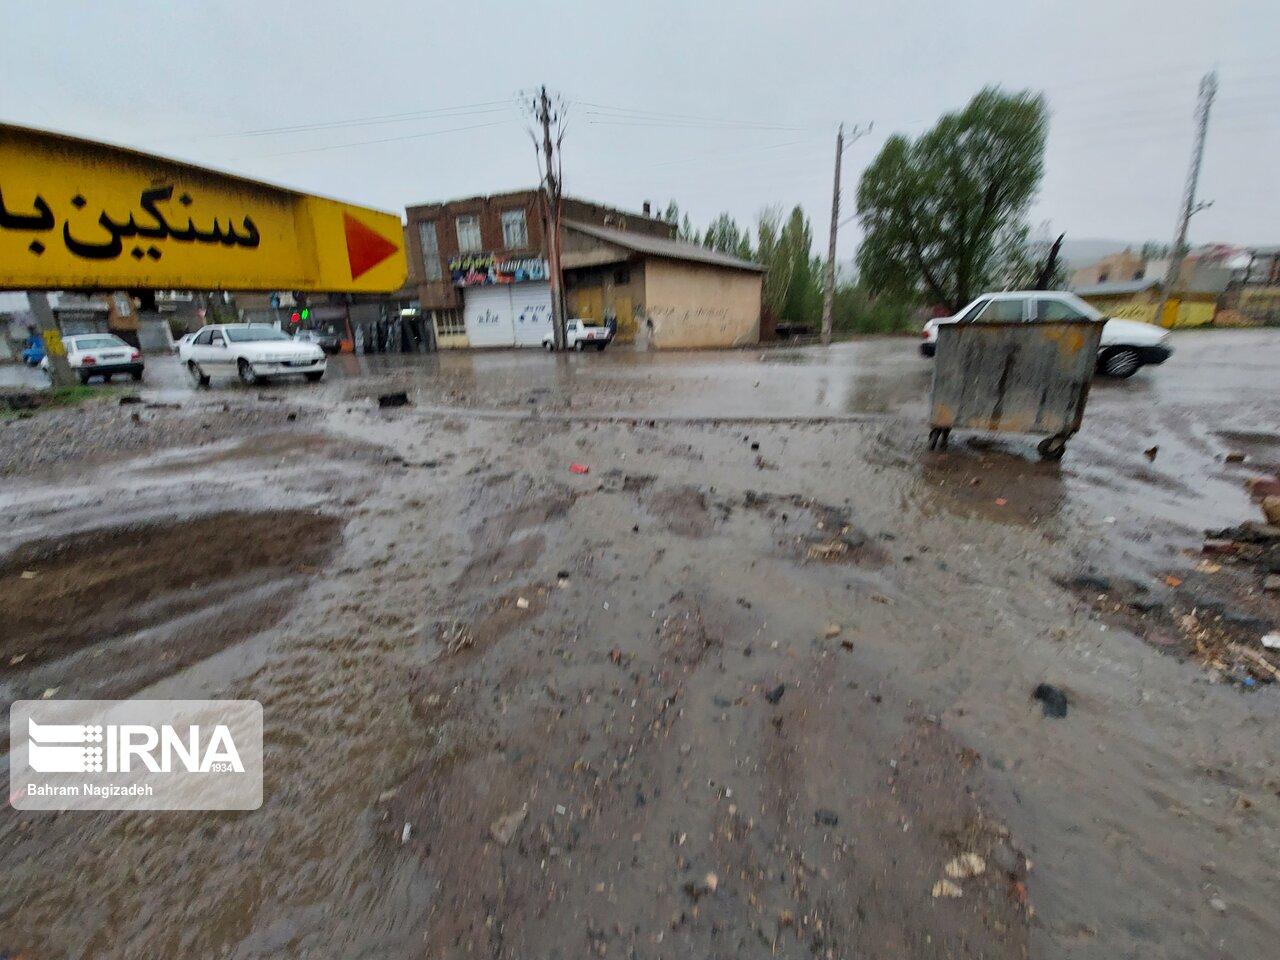 بارندگی به مناطق شمال و شرق استان اصفهان خسارت زد